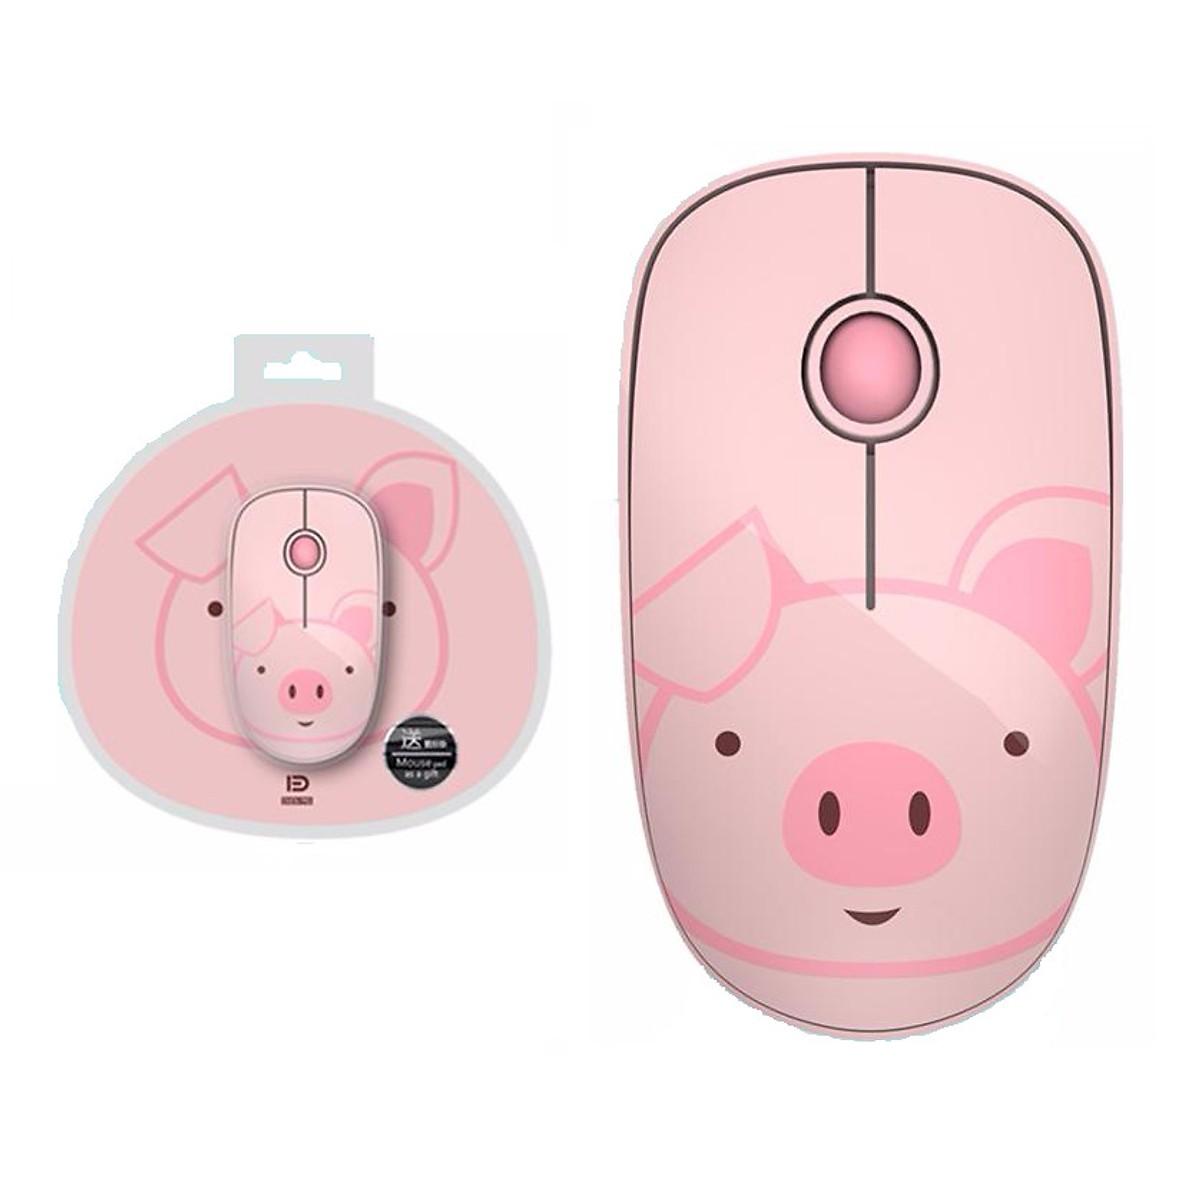 Chuột Không Dây Forter E680 Pink (Màu Hồng) Họa Tiết Kute - Hàng Chính Hãng (Tặng Kèm Lót Chuột)